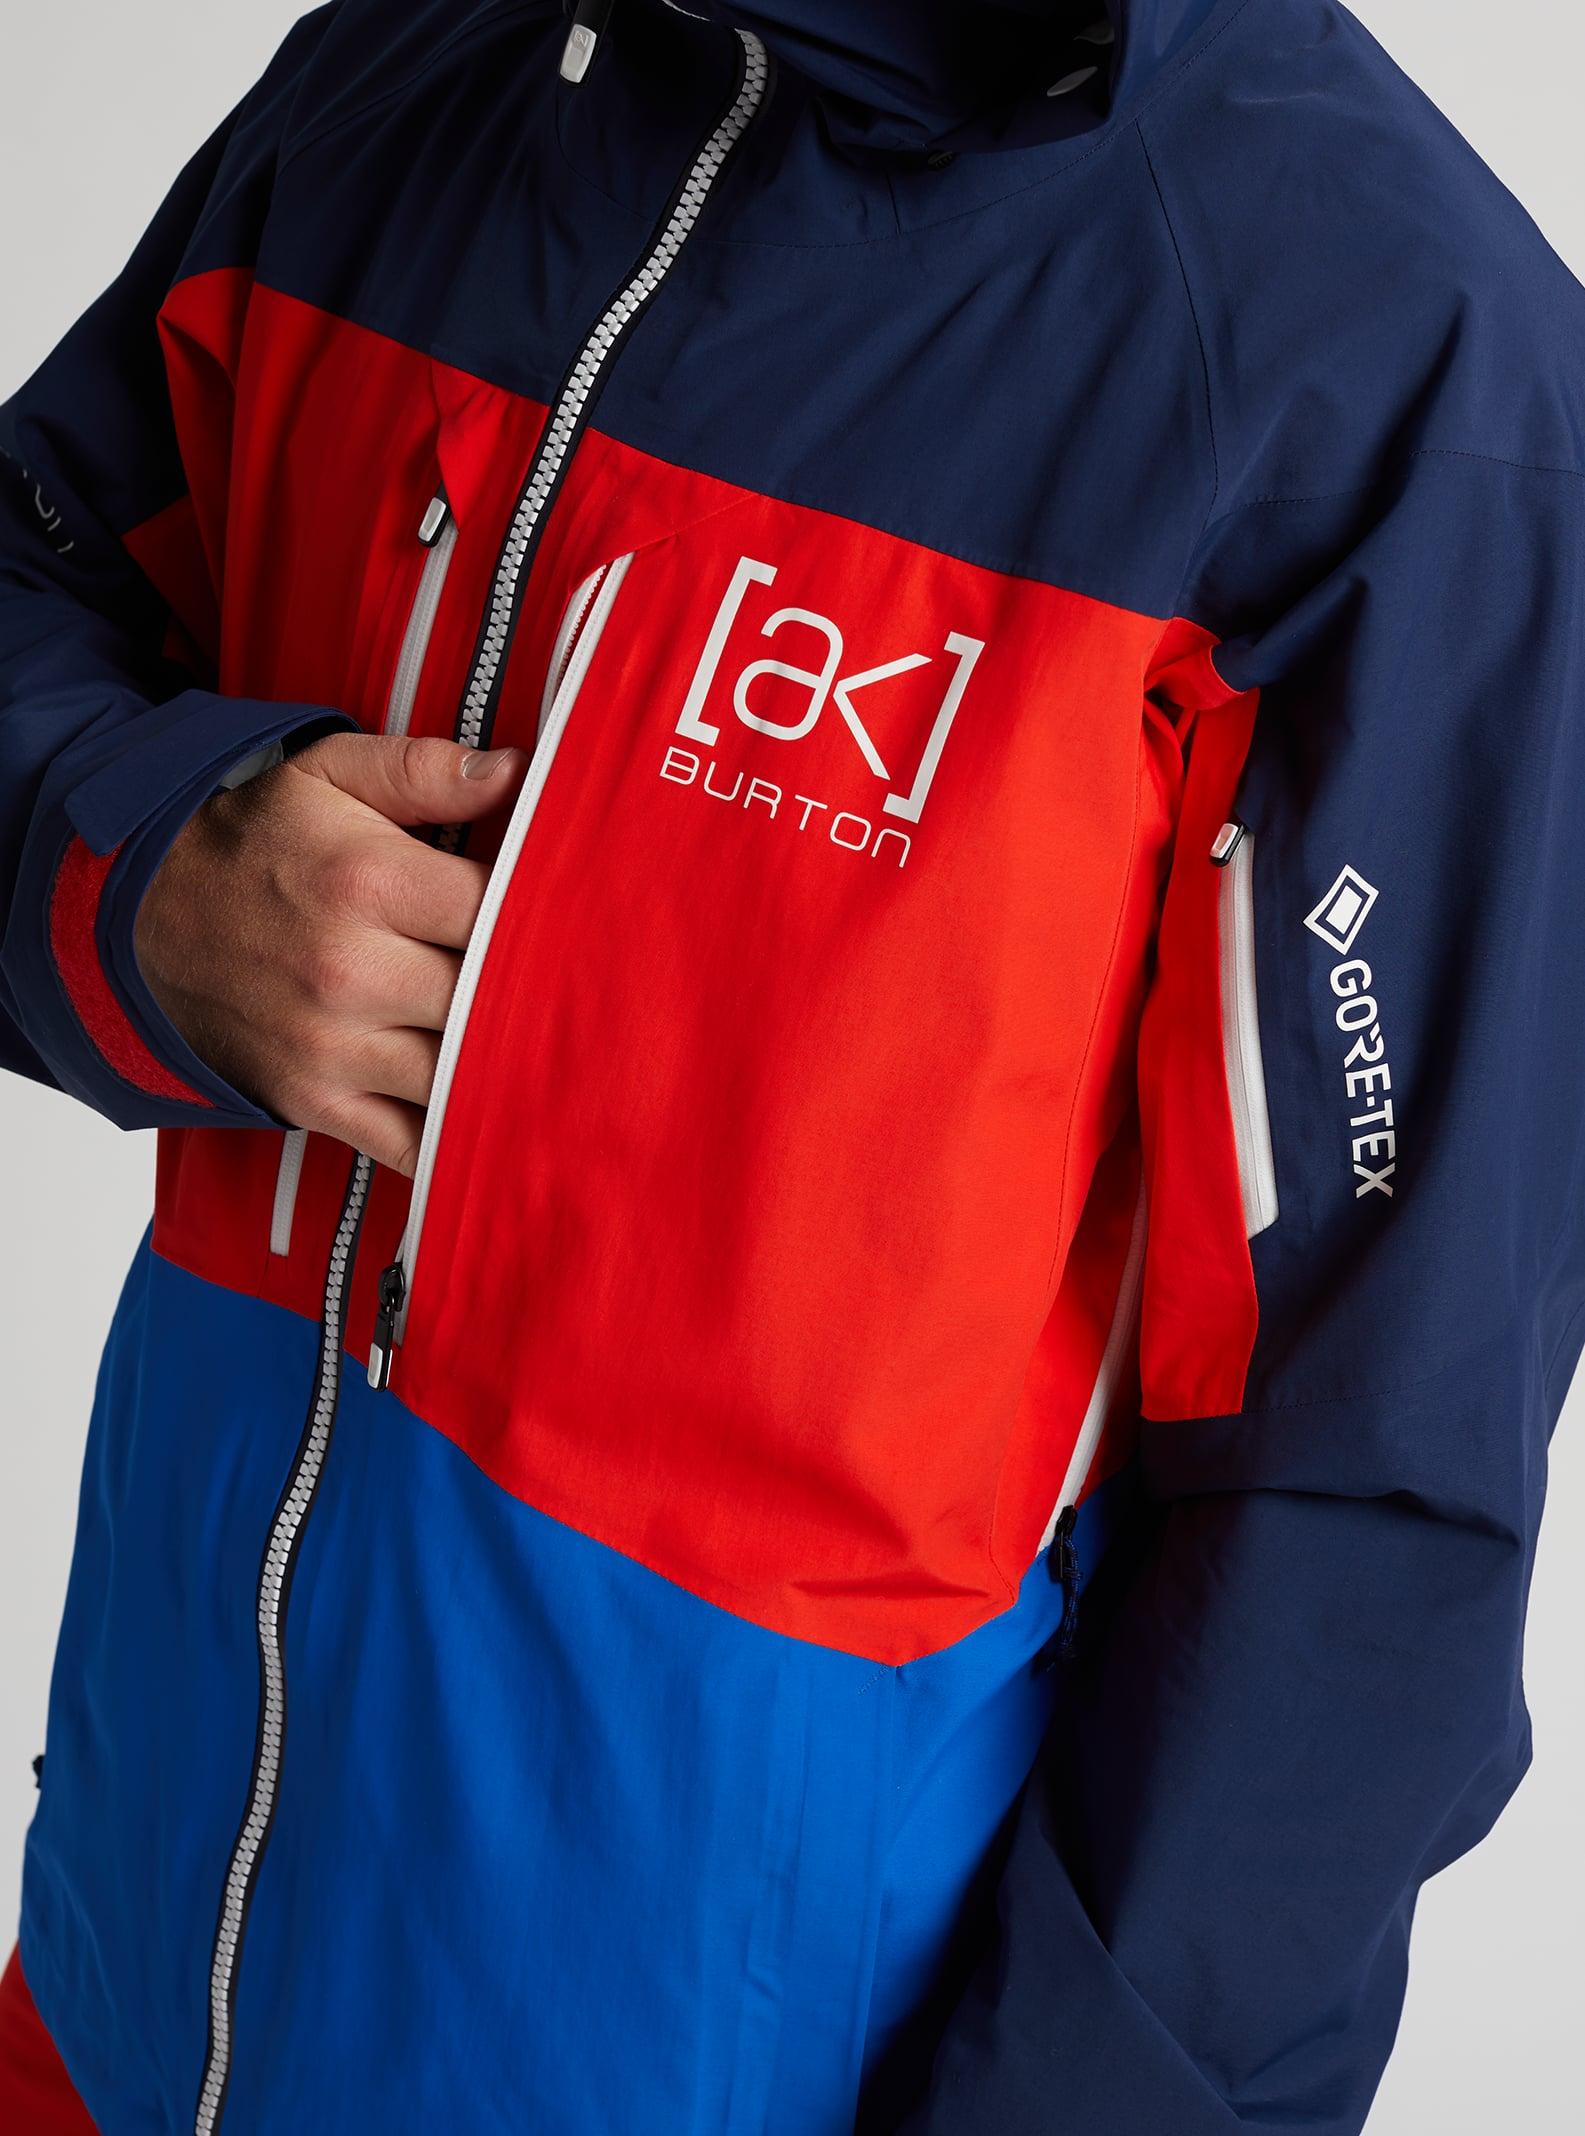 Burton [ak] GORE TEX Swash Jacke für Herren